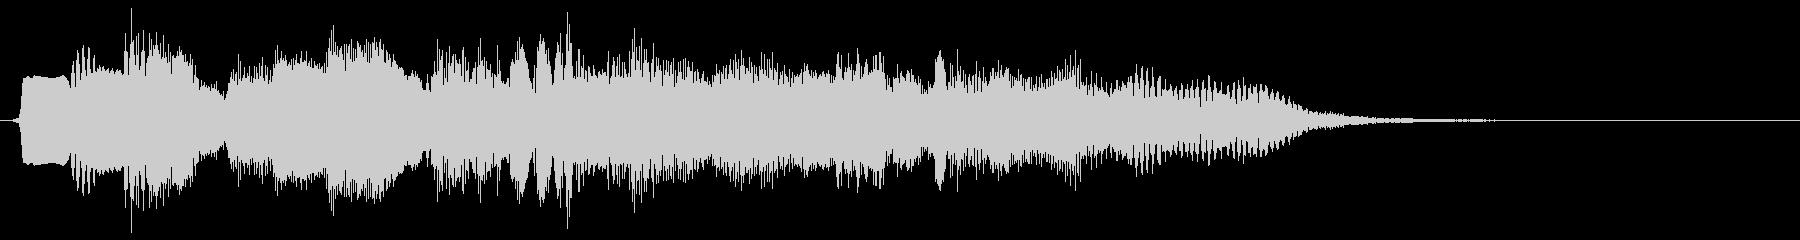 バロック1 ゲームクリアの未再生の波形